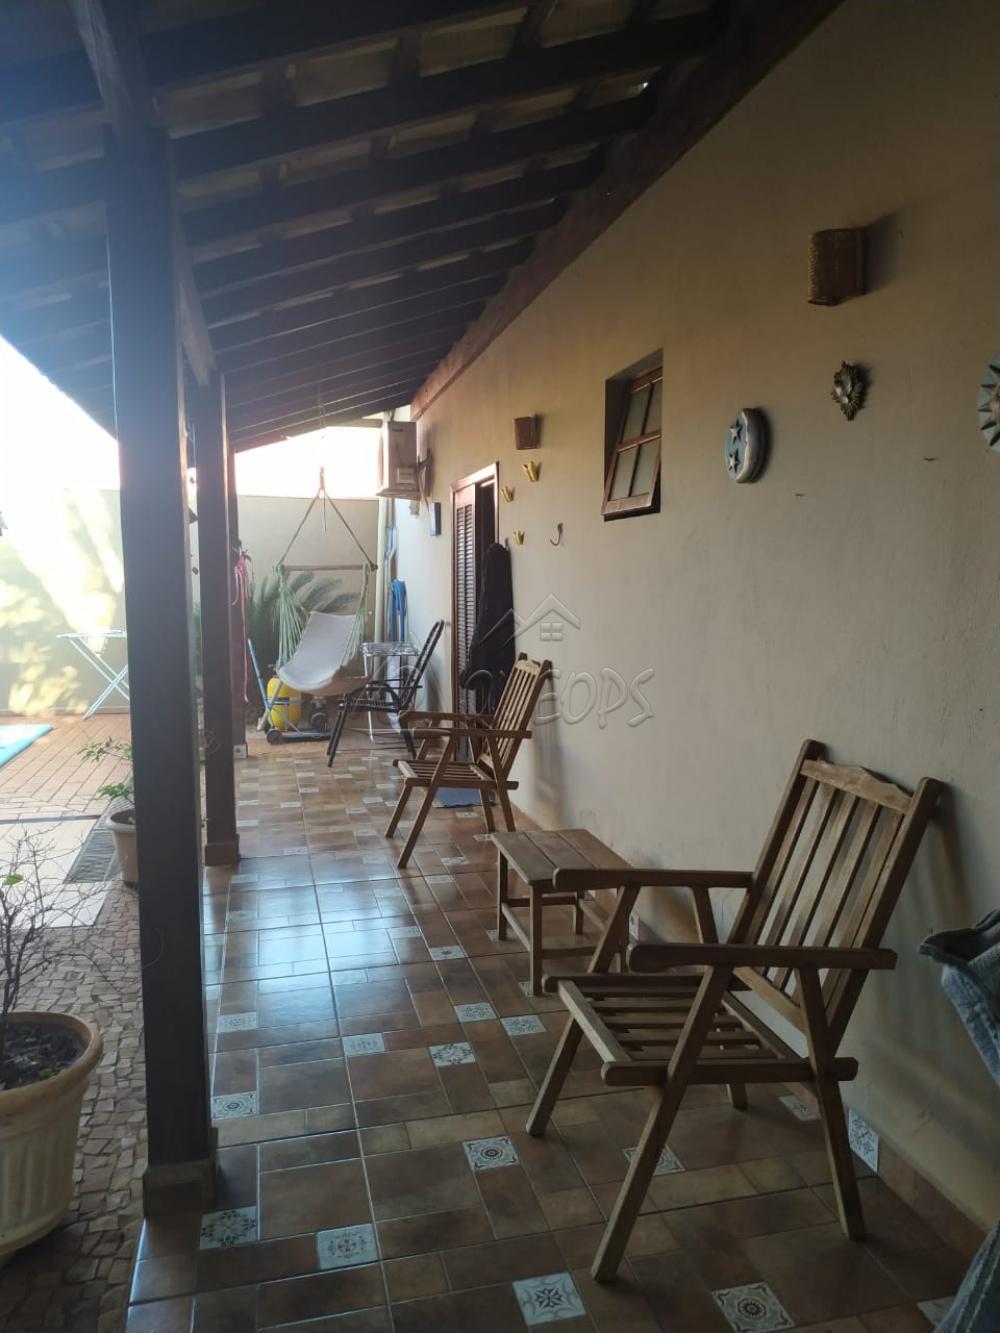 Comprar Casa / Padrão em Barretos apenas R$ 770.000,00 - Foto 15